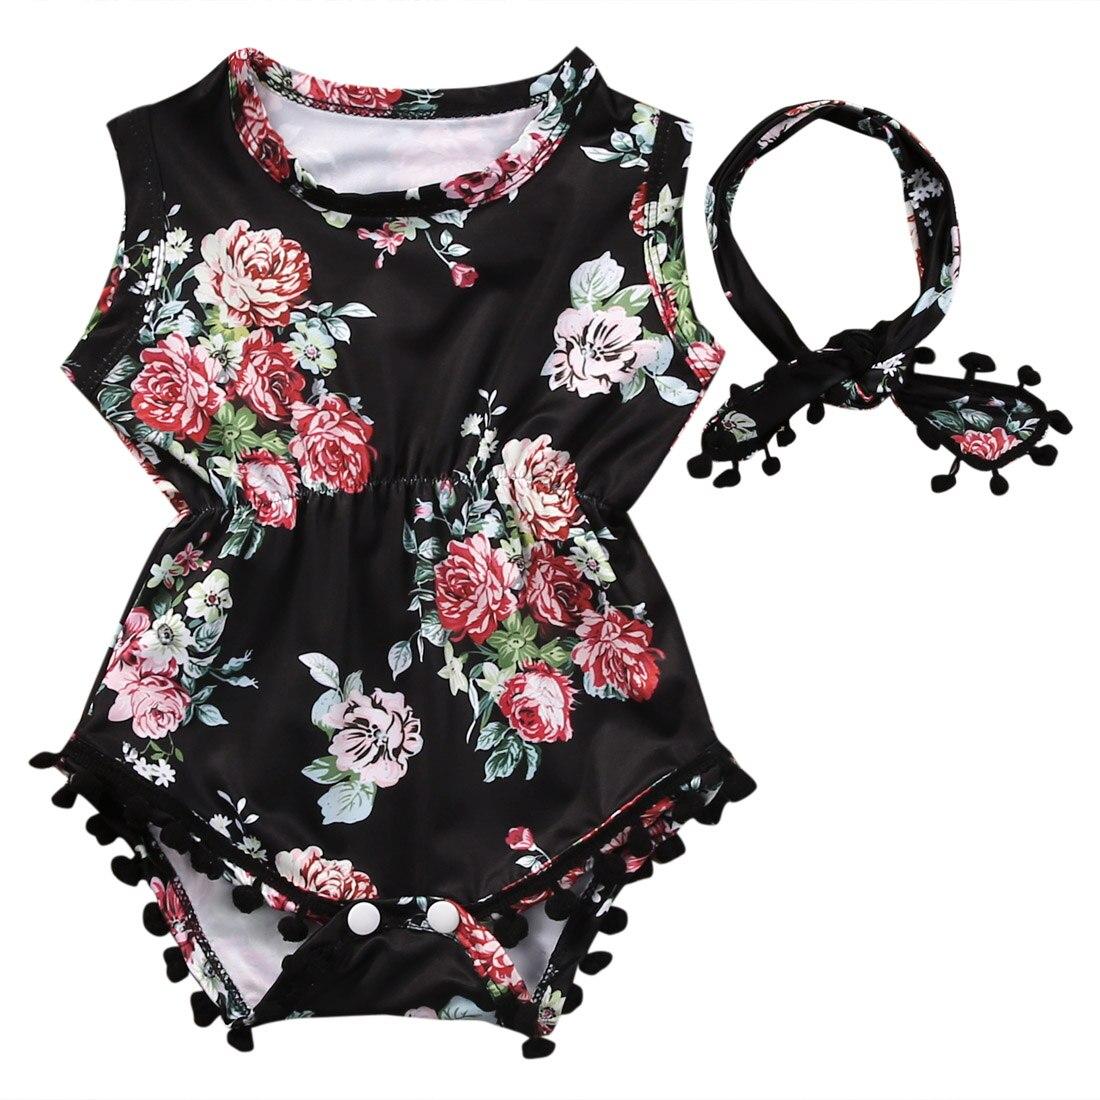 Recién Nacido VIntage púrpura flores Floral bebé Niñas Ropa Romper traje de Sol una pieza con diadema conjuntos al por mayor